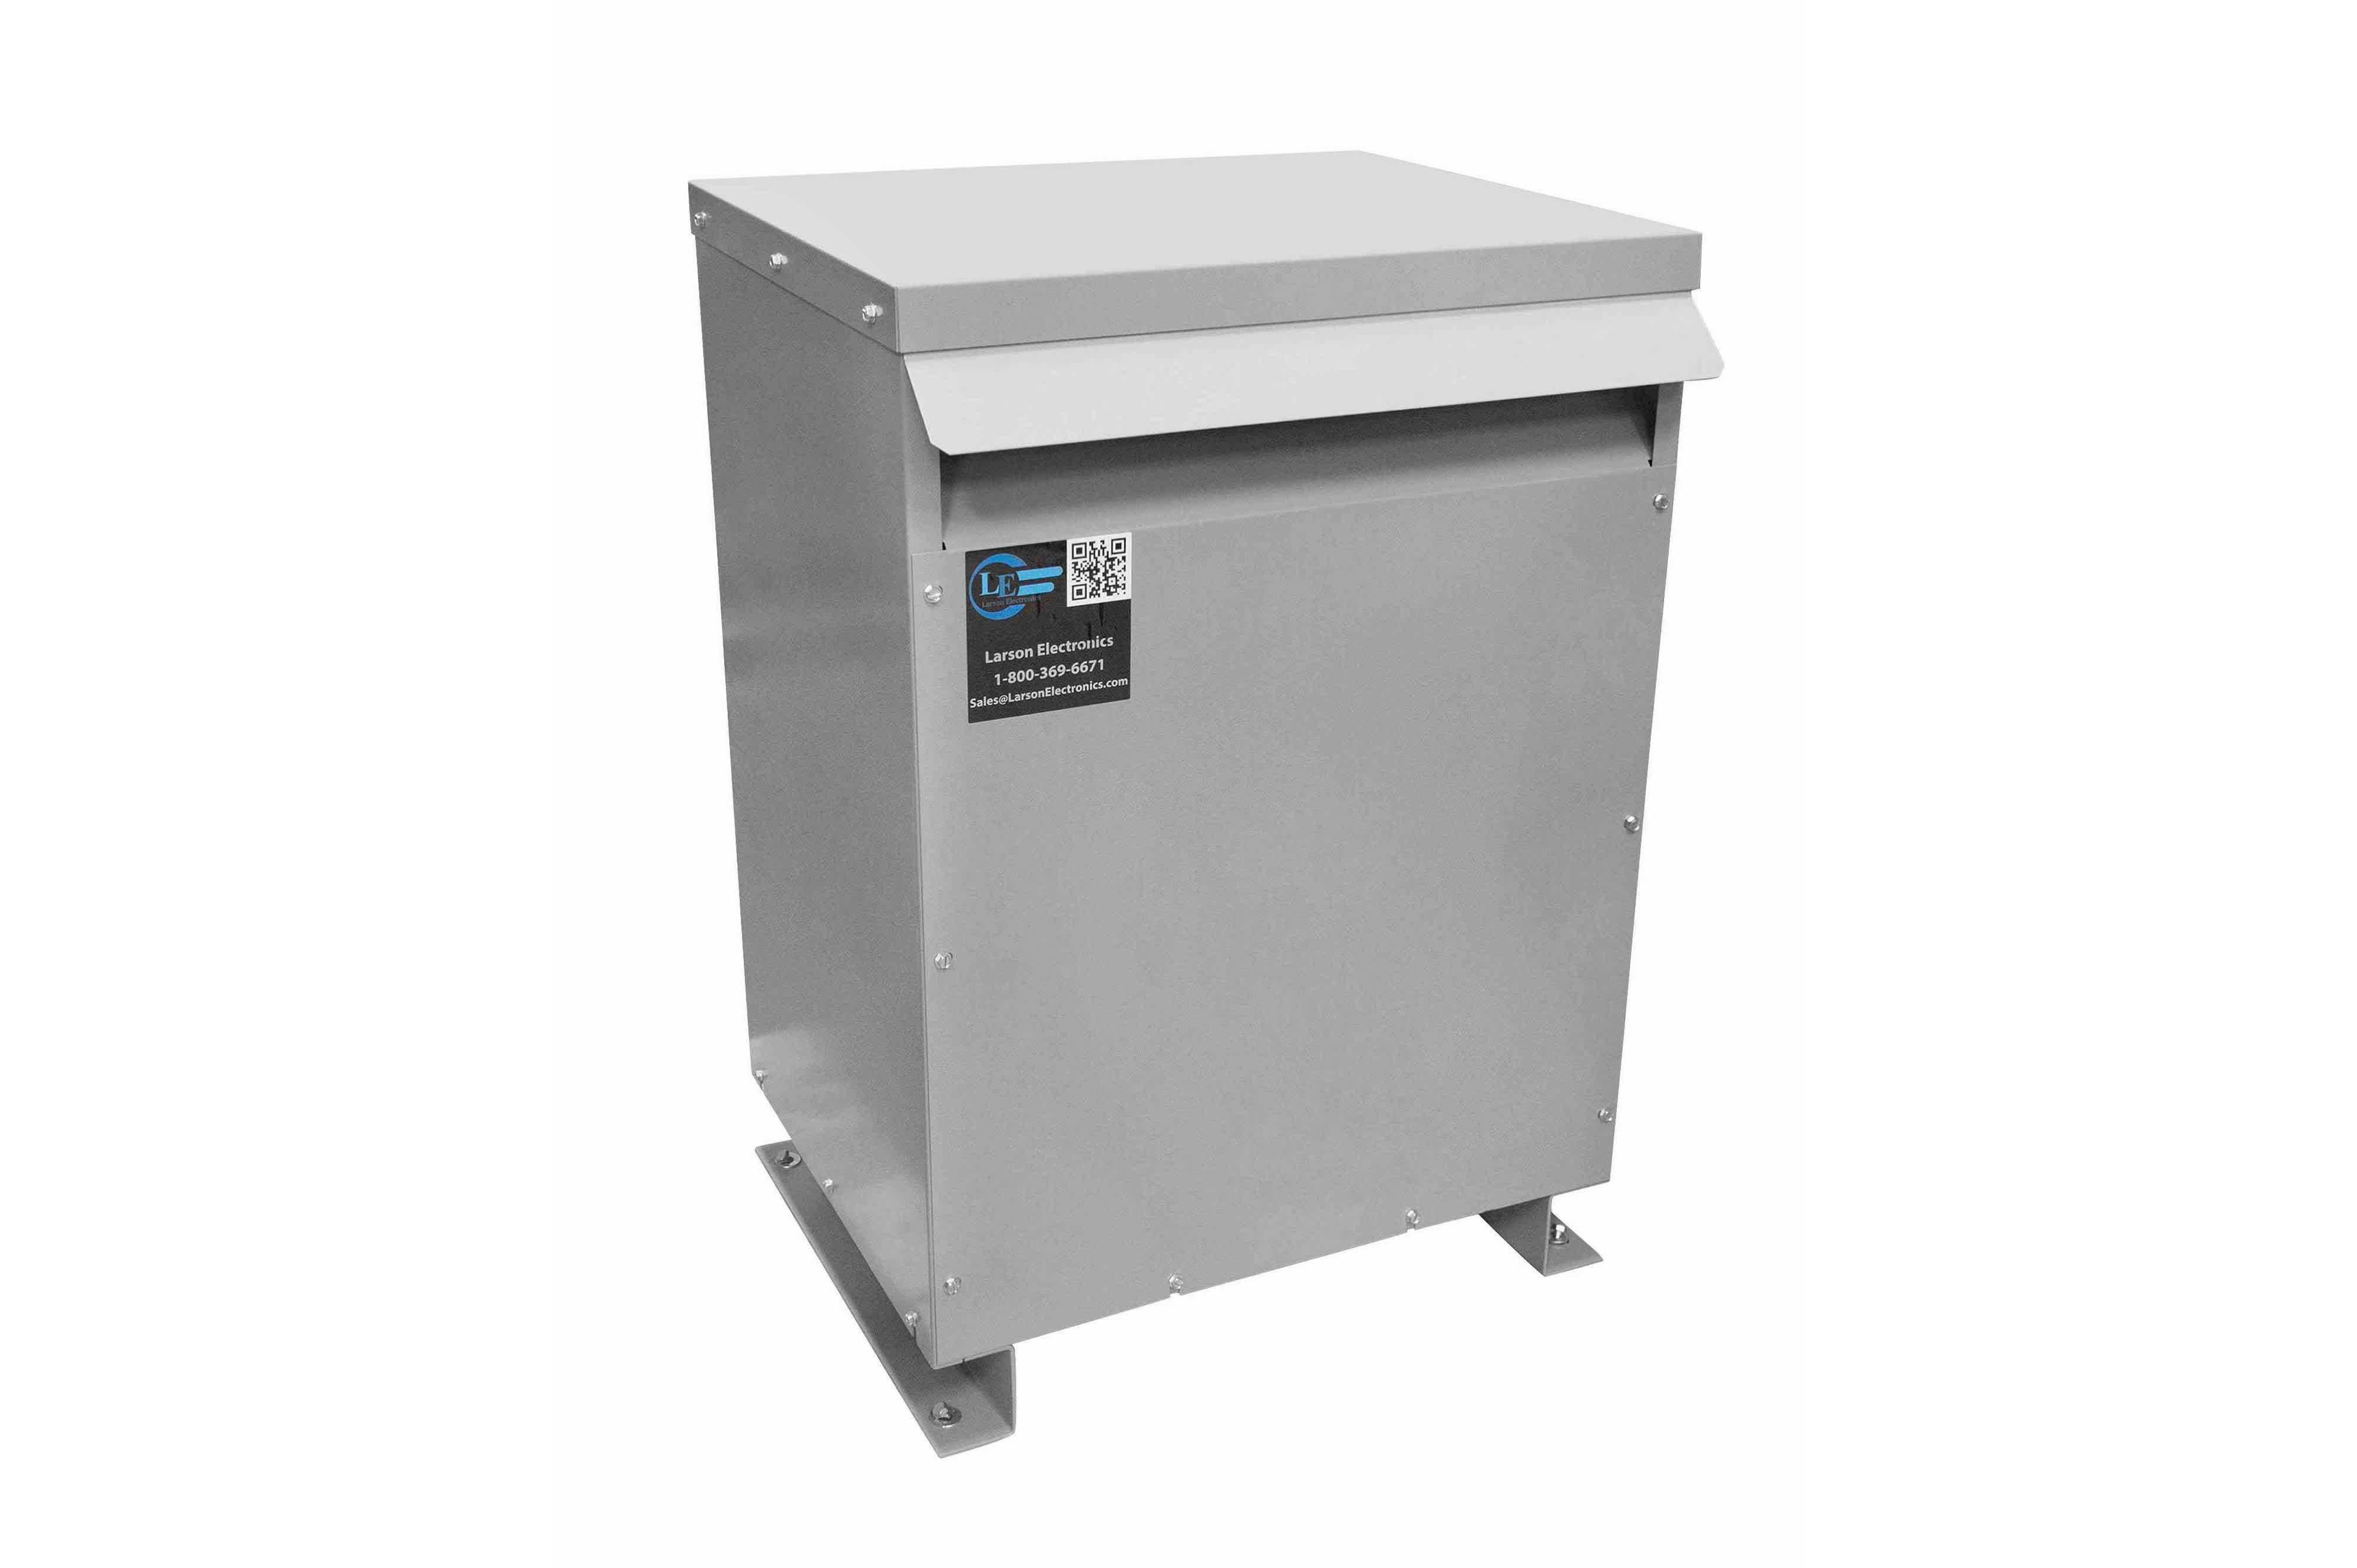 25 kVA 3PH Isolation Transformer, 460V Delta Primary, 208V Delta Secondary, N3R, Ventilated, 60 Hz